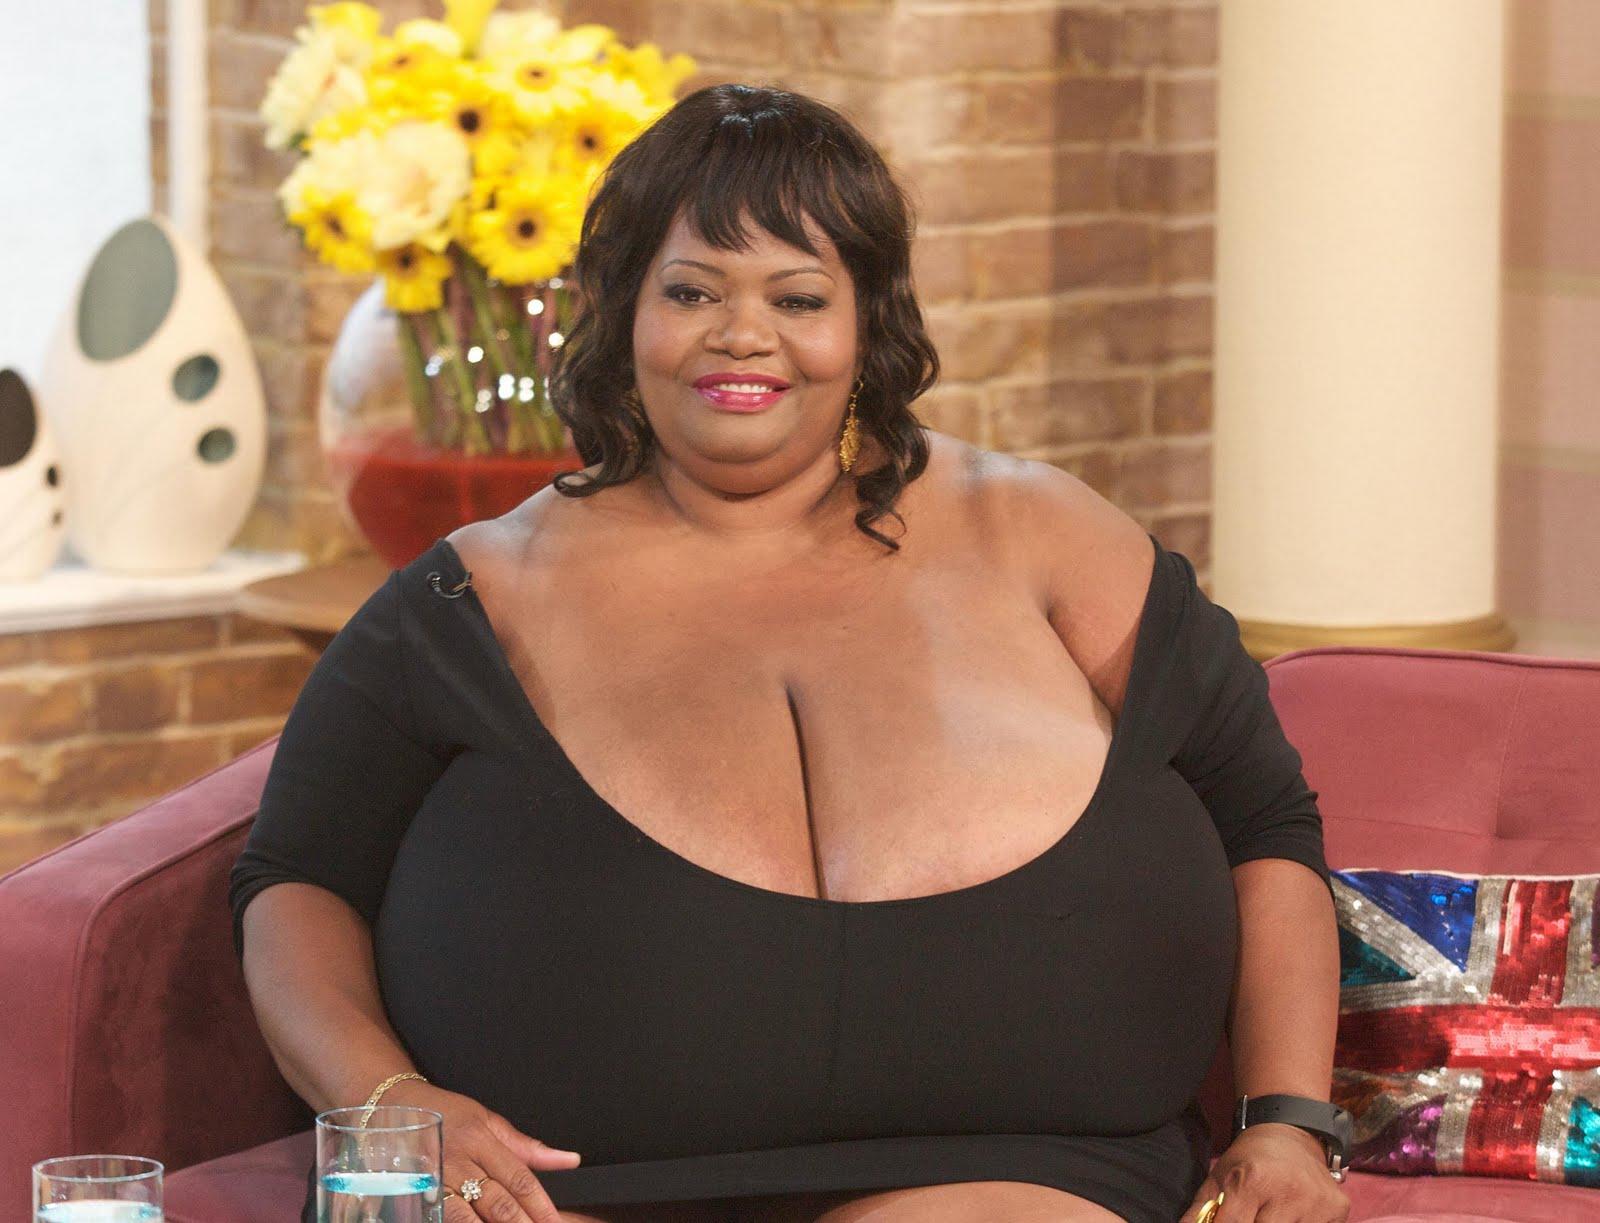 Самая большая грудь в мире бесплатно 2 фотография